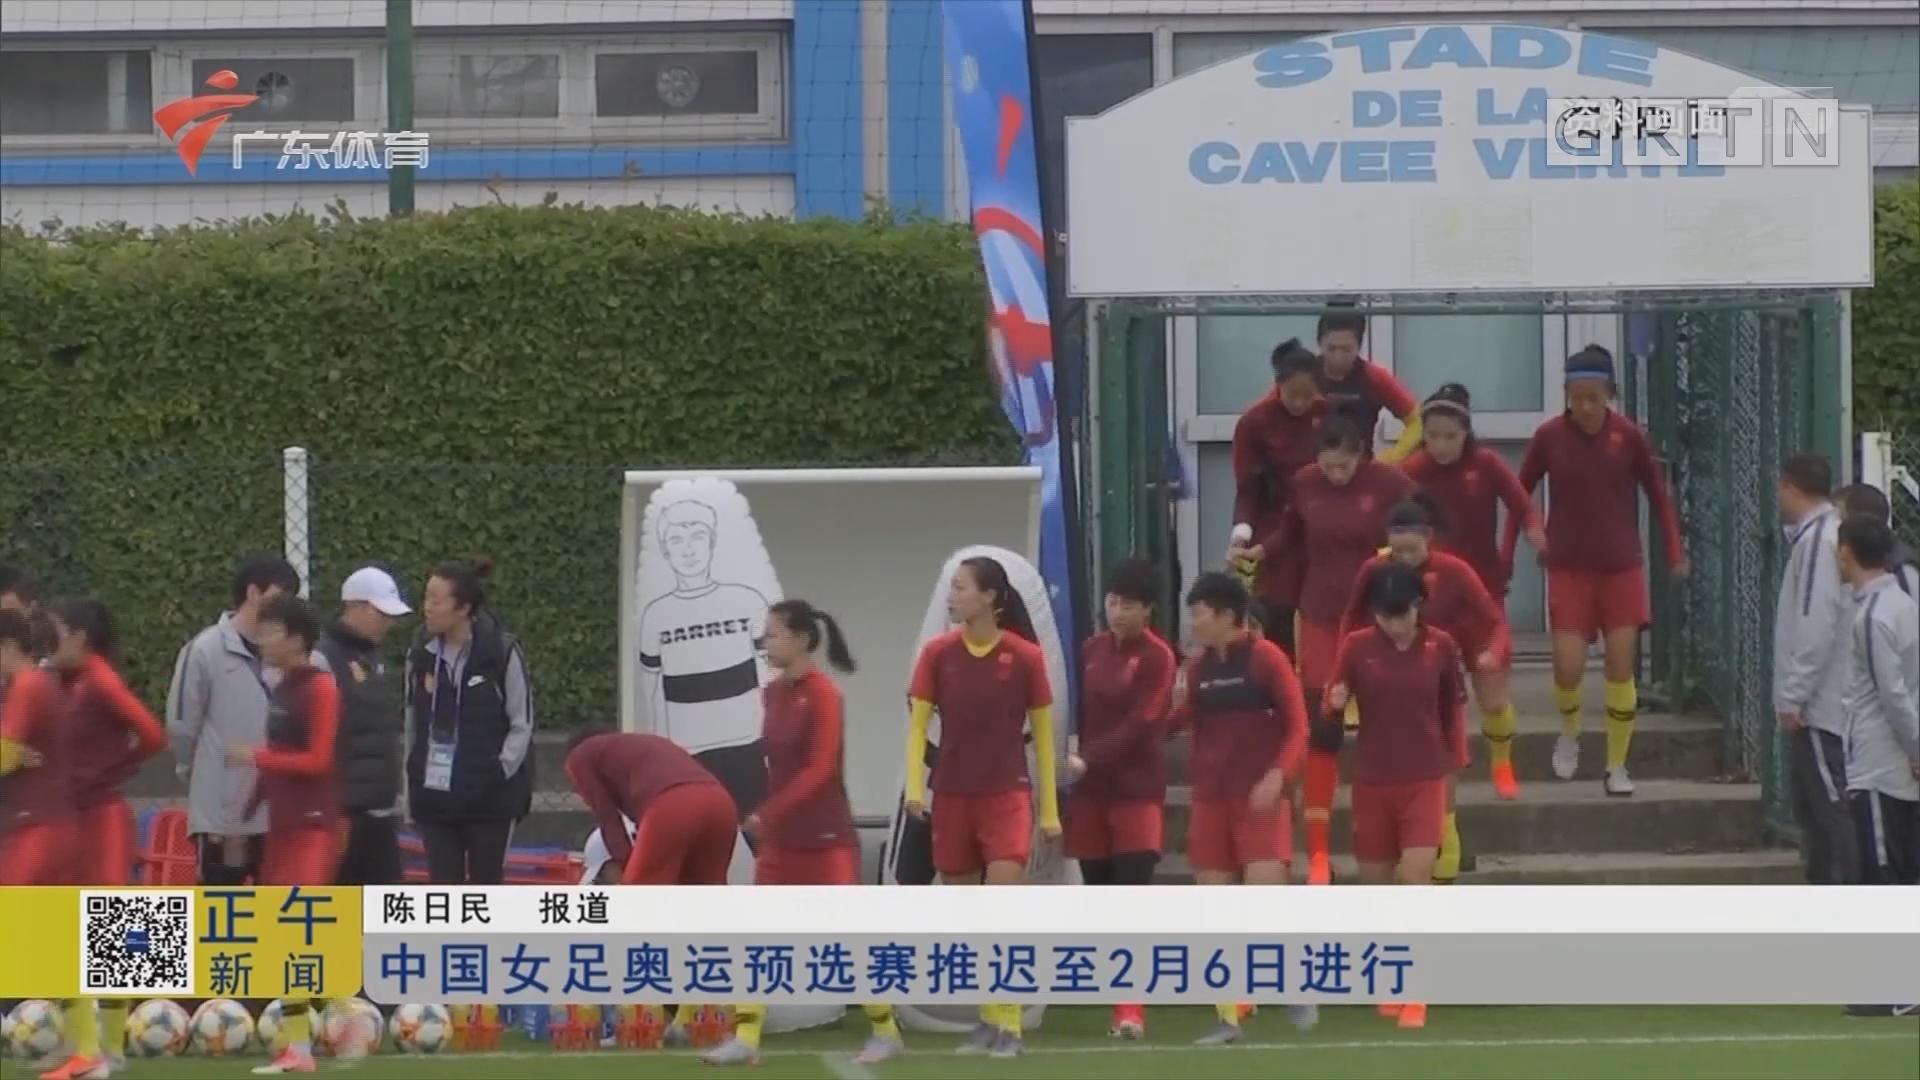 中国女足奥运预选赛推迟至2月6日进行